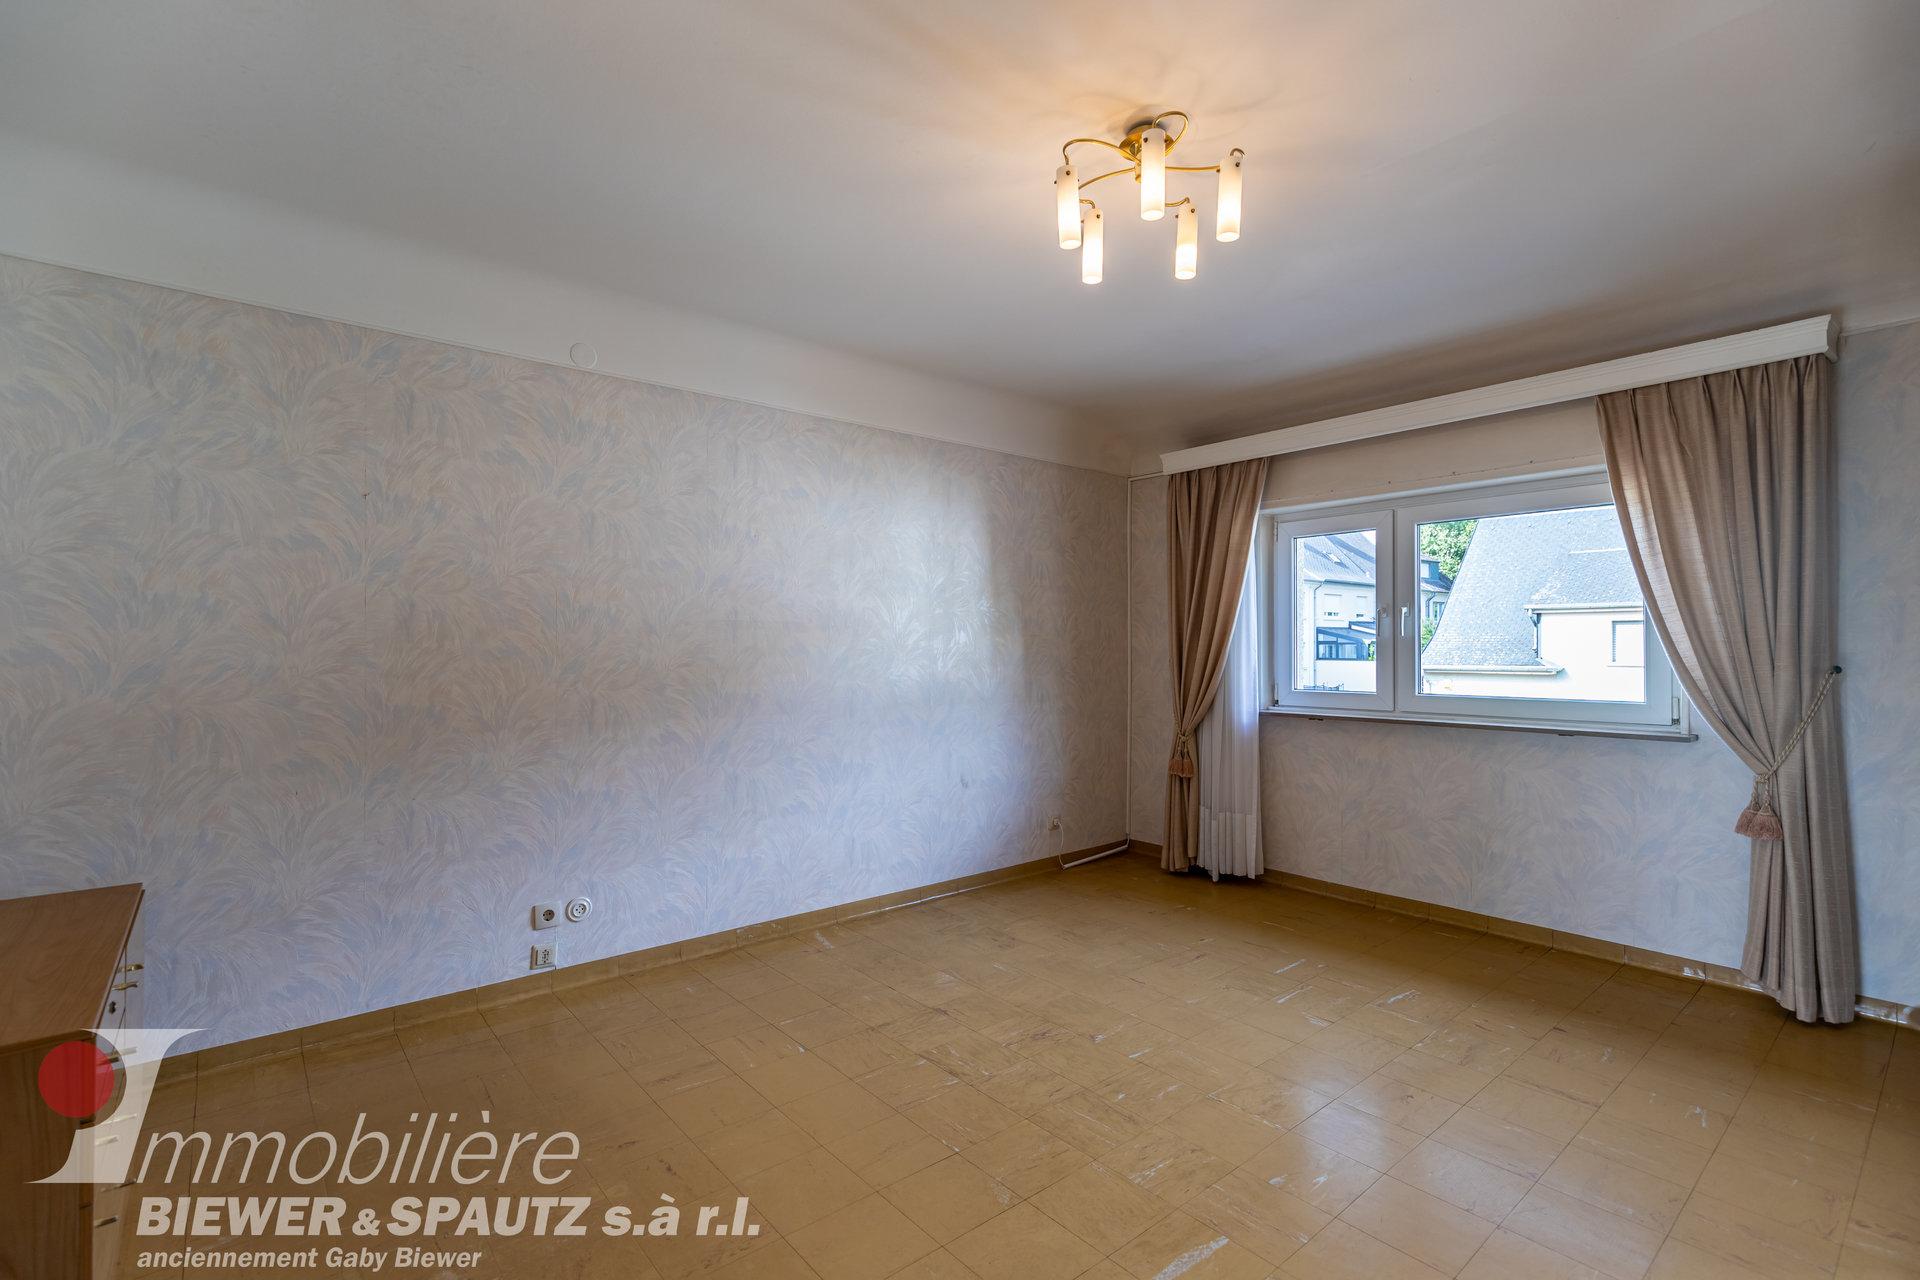 UNTER VORVERKAUFSVERTRAG - Haus mit 2 Schlafzimmern in Esch-sur-Alzette